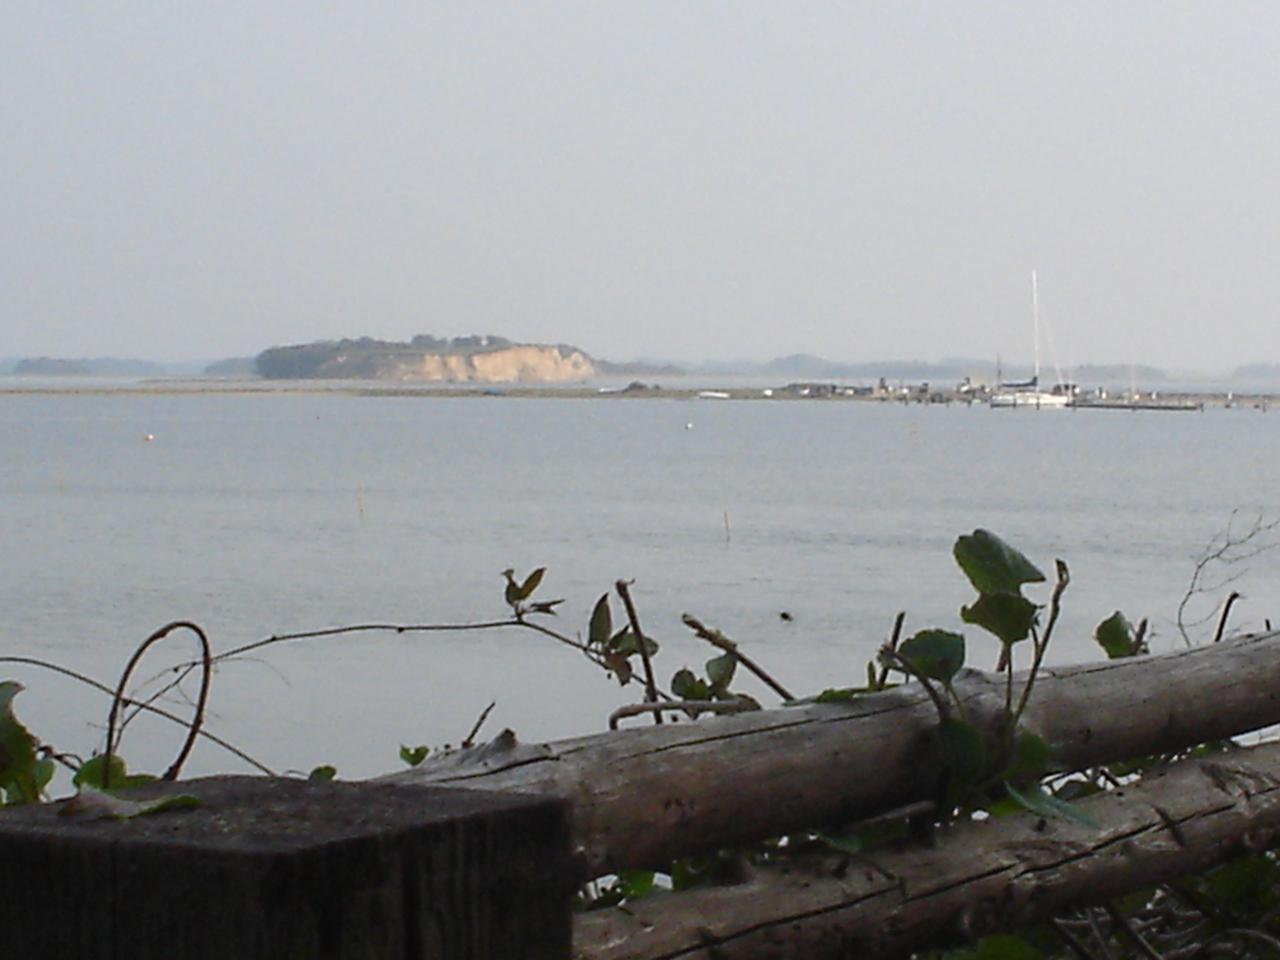 korshavn med mejlø i baggrunden.jpg